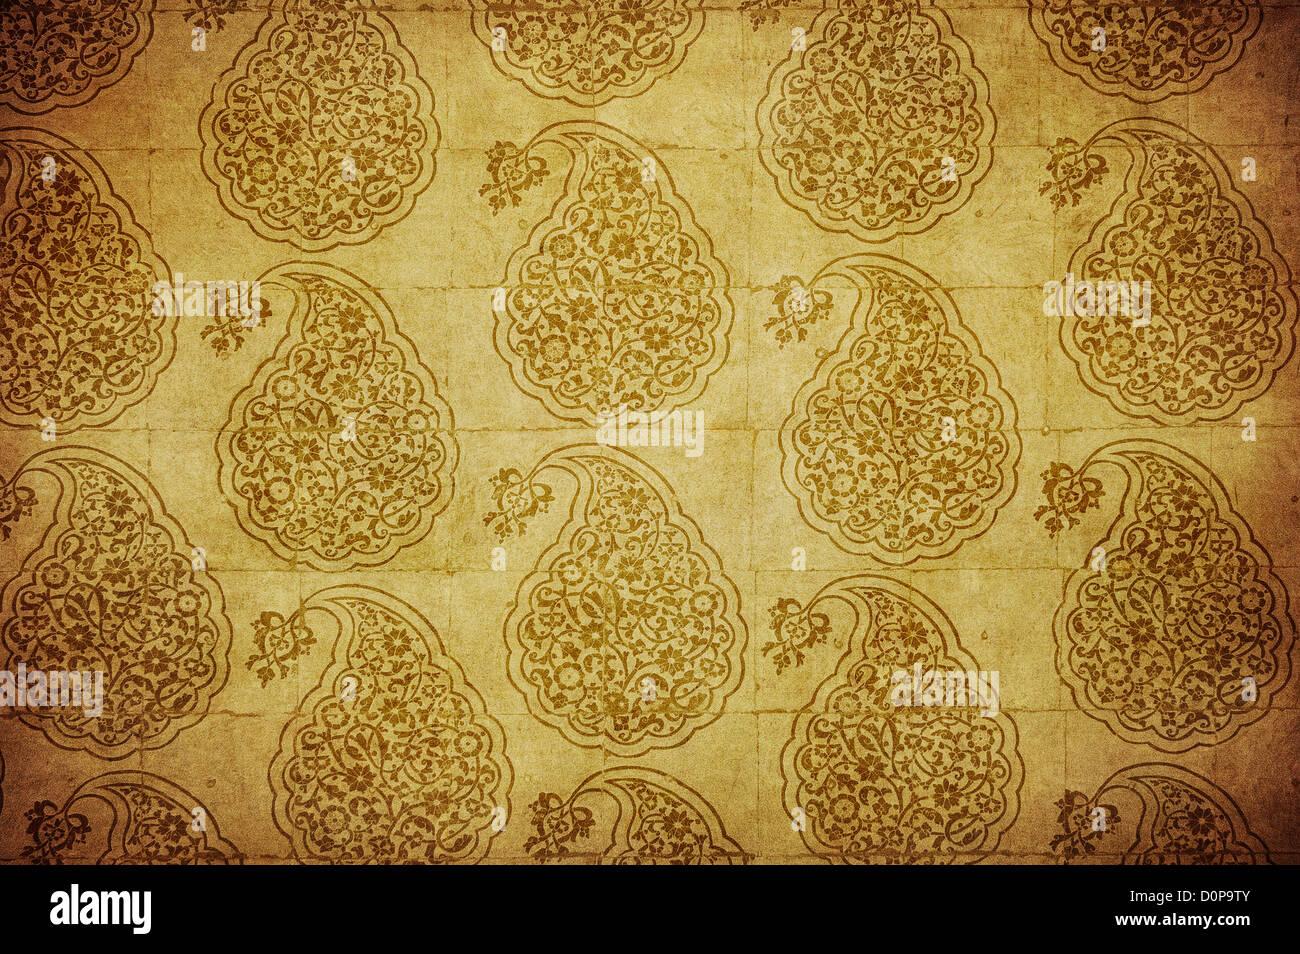 Grunge sfondo con decorazioni orientali Immagini Stock